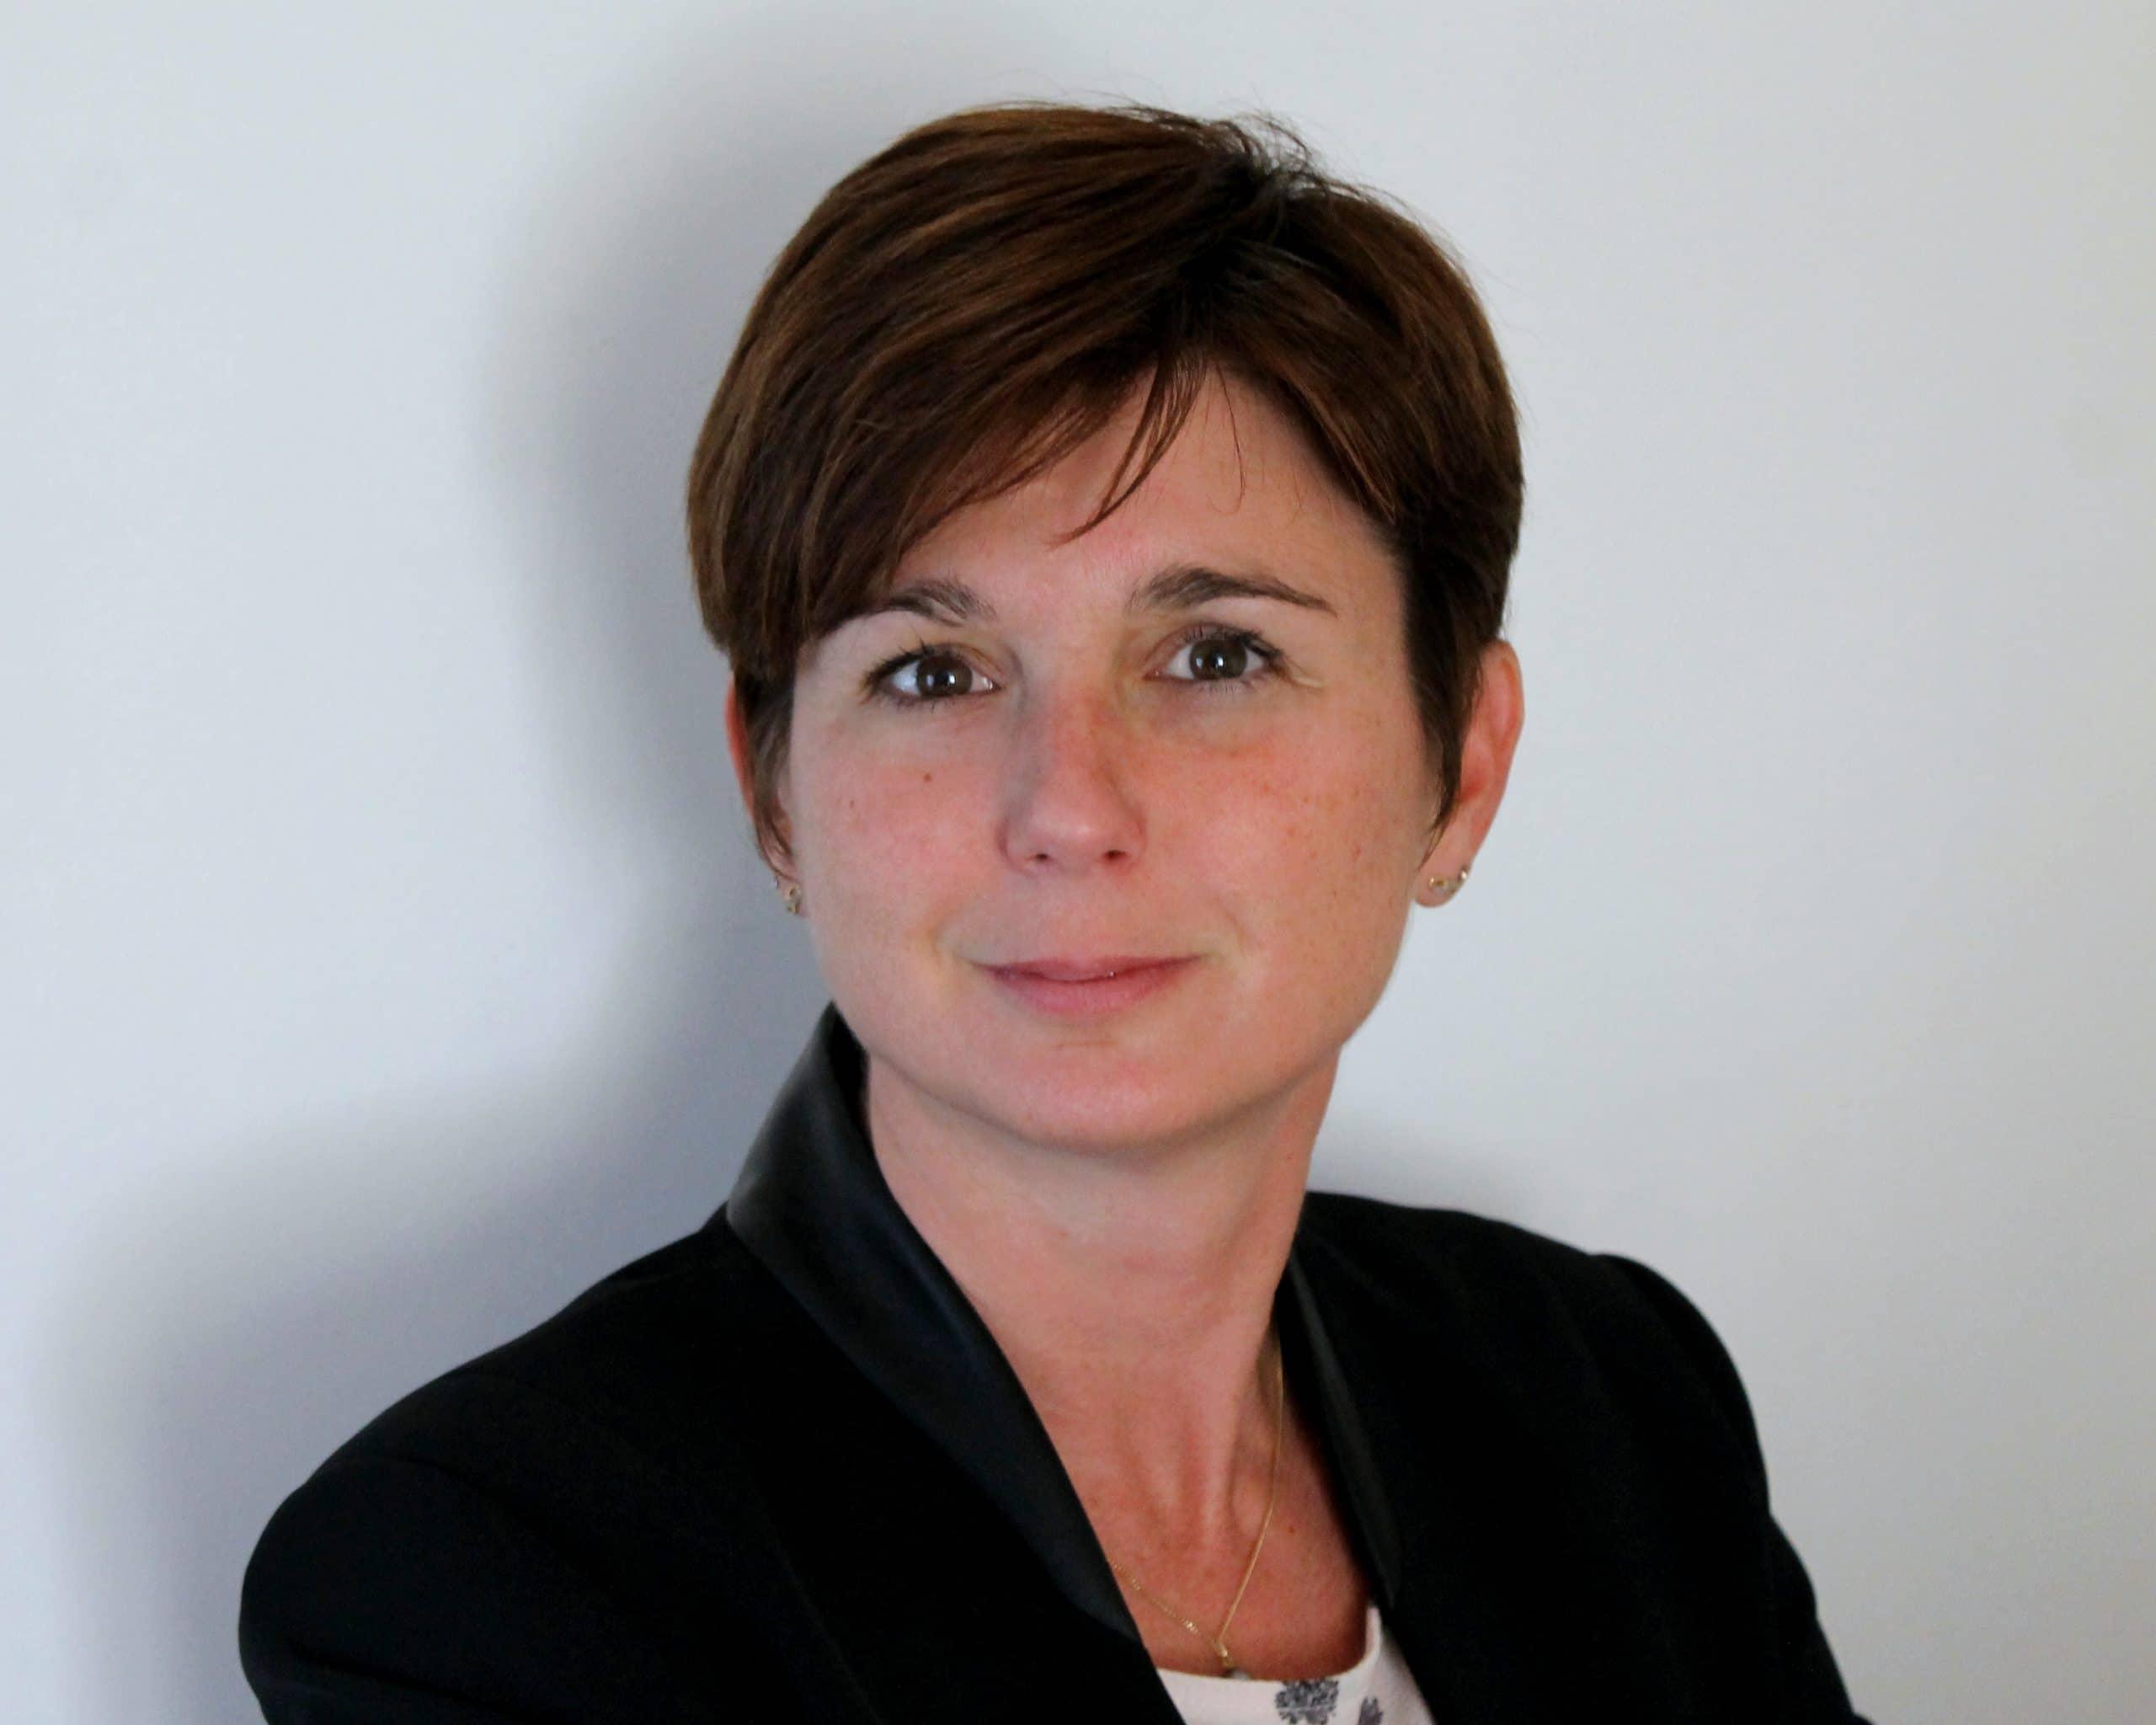 Sandrine ALMERAS - Arpajon (91)